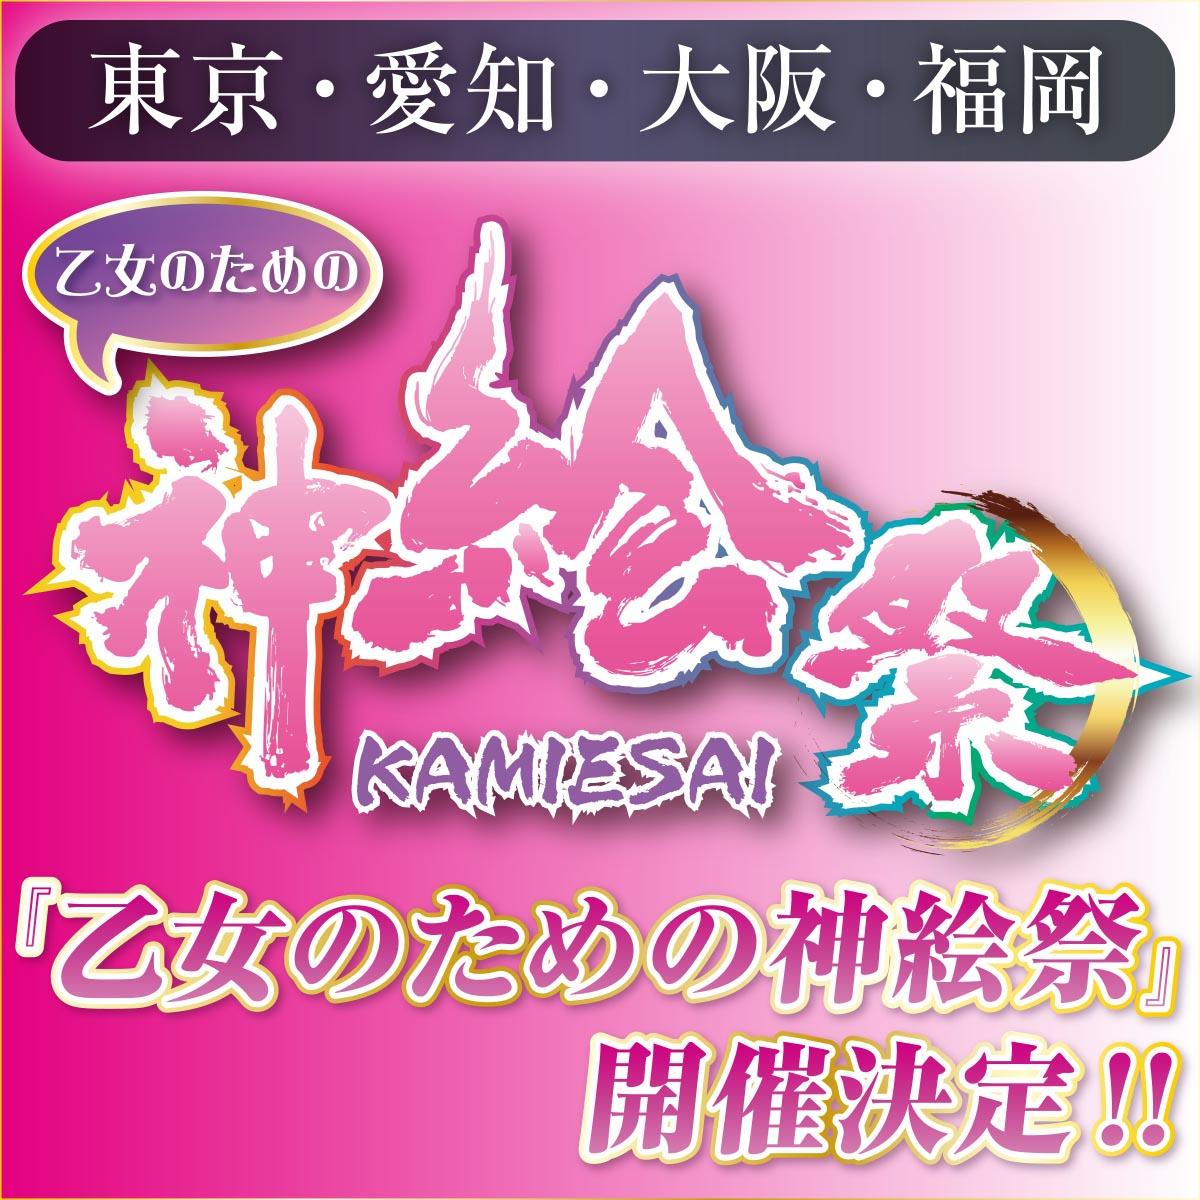 全国4都市にて【乙女のための神絵祭】開催決定!!